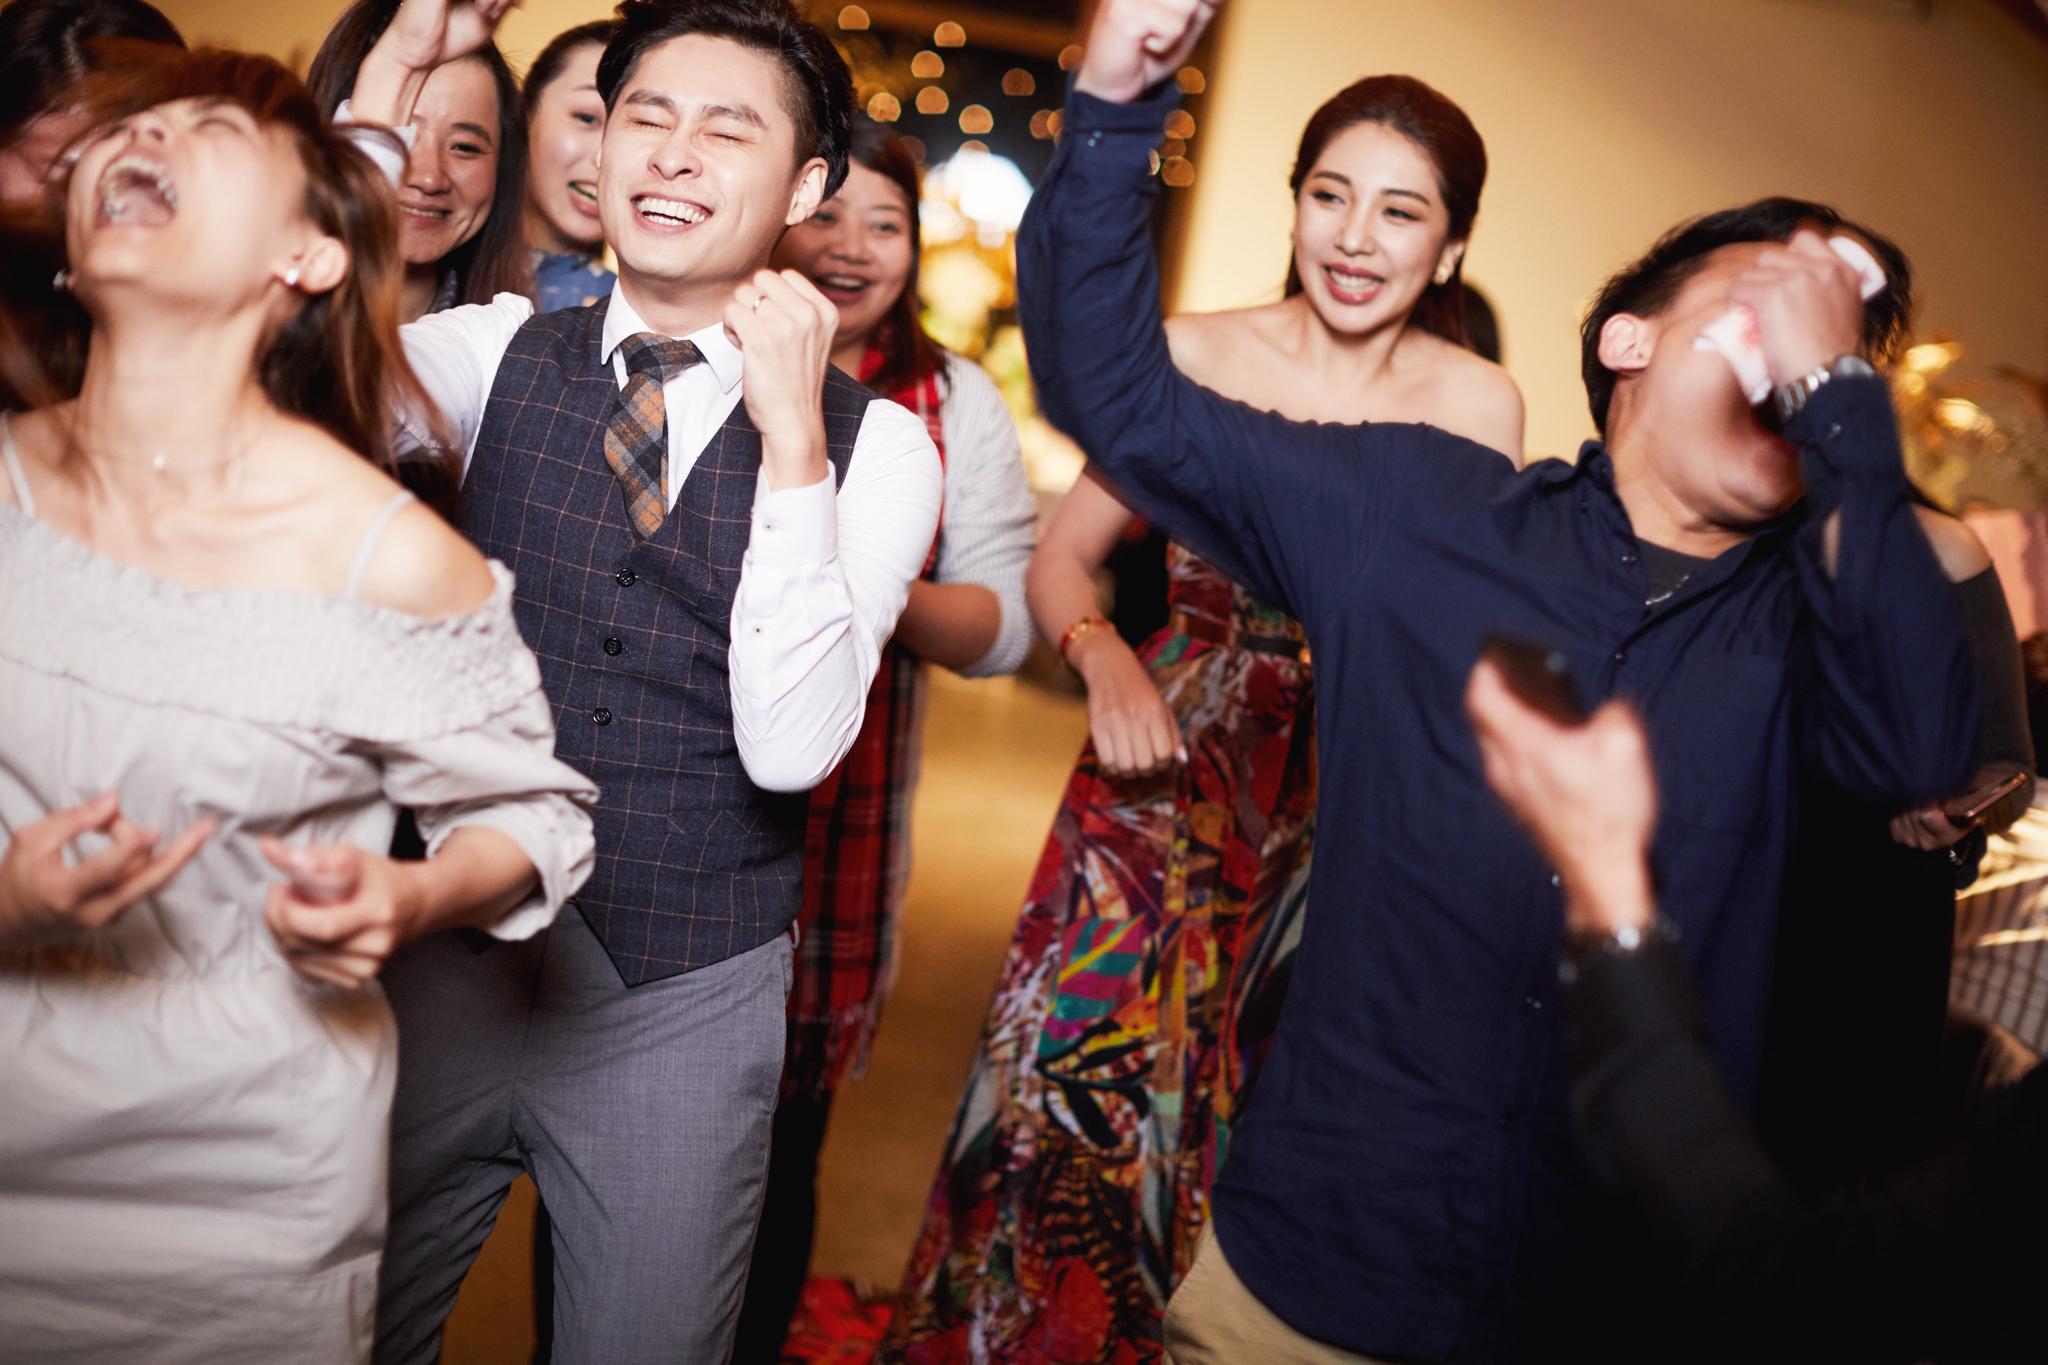 顏牧牧場婚禮, 婚攝推薦,台中婚攝,後院婚禮,戶外婚禮,美式婚禮-114